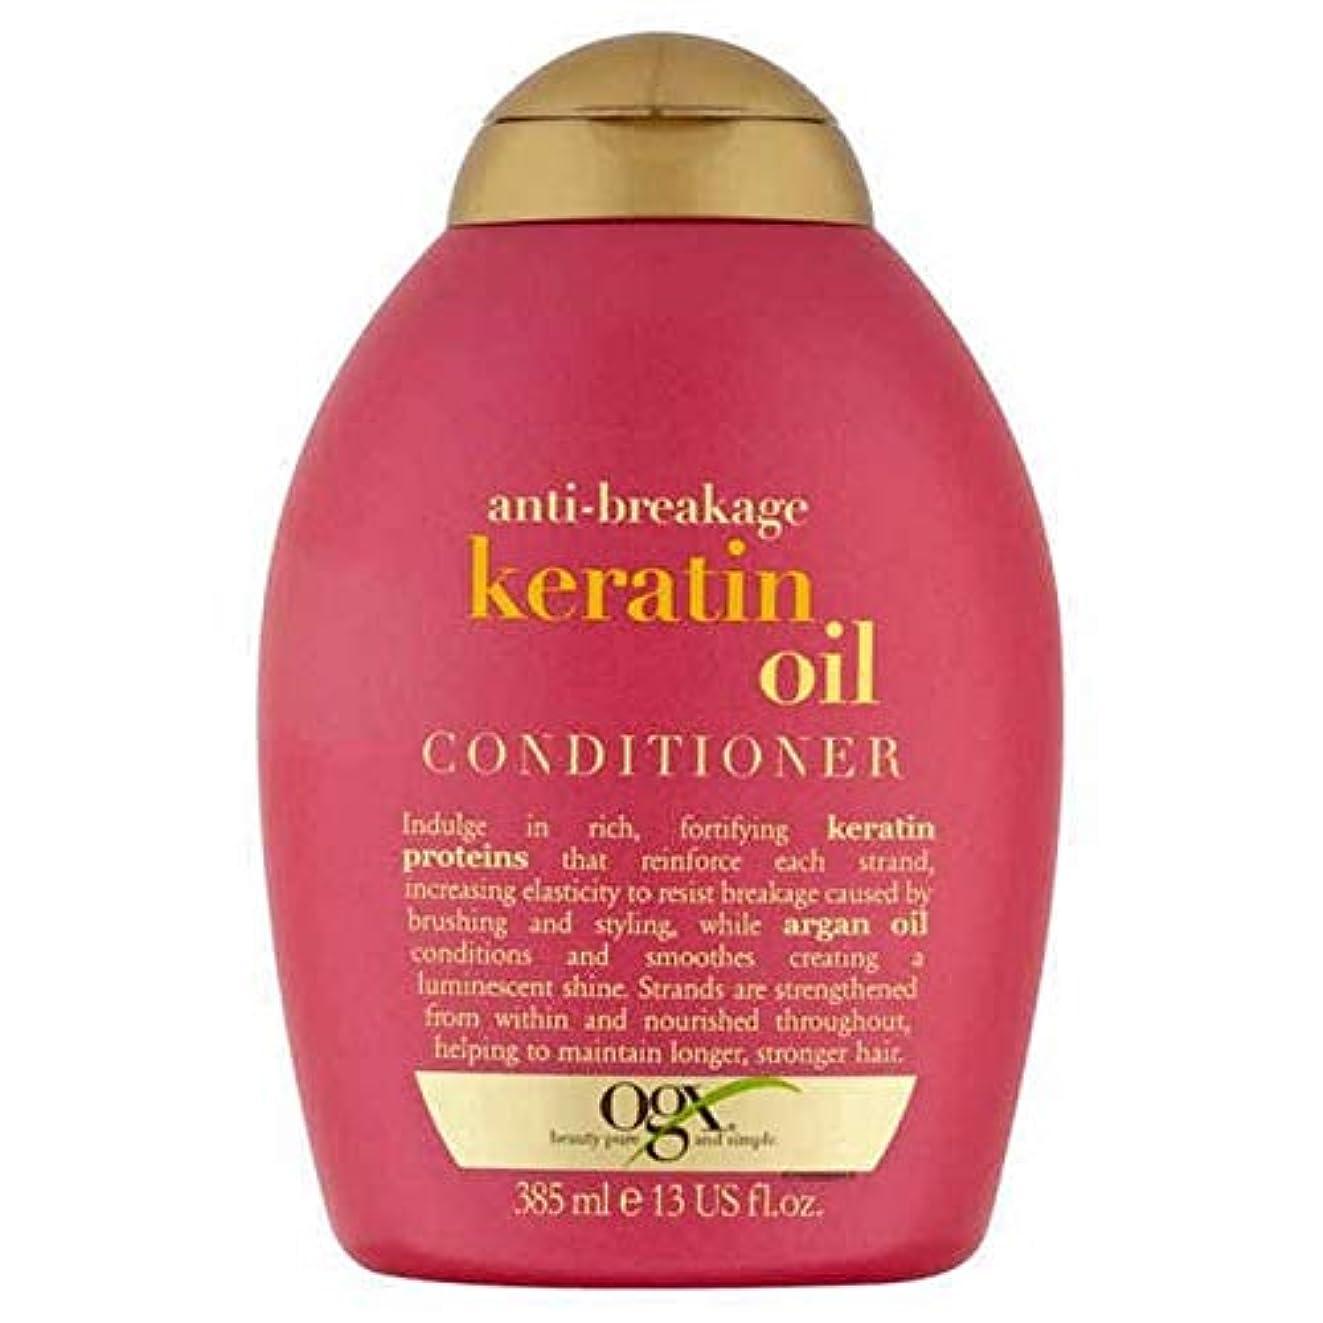 露出度の高い大宇宙スパイ[Ogx] Ogx抗破損ケラチンオイルコンディショナー385ミリリットル - OGX Anti-Breakage Keratin Oil Conditioner 385ml [並行輸入品]